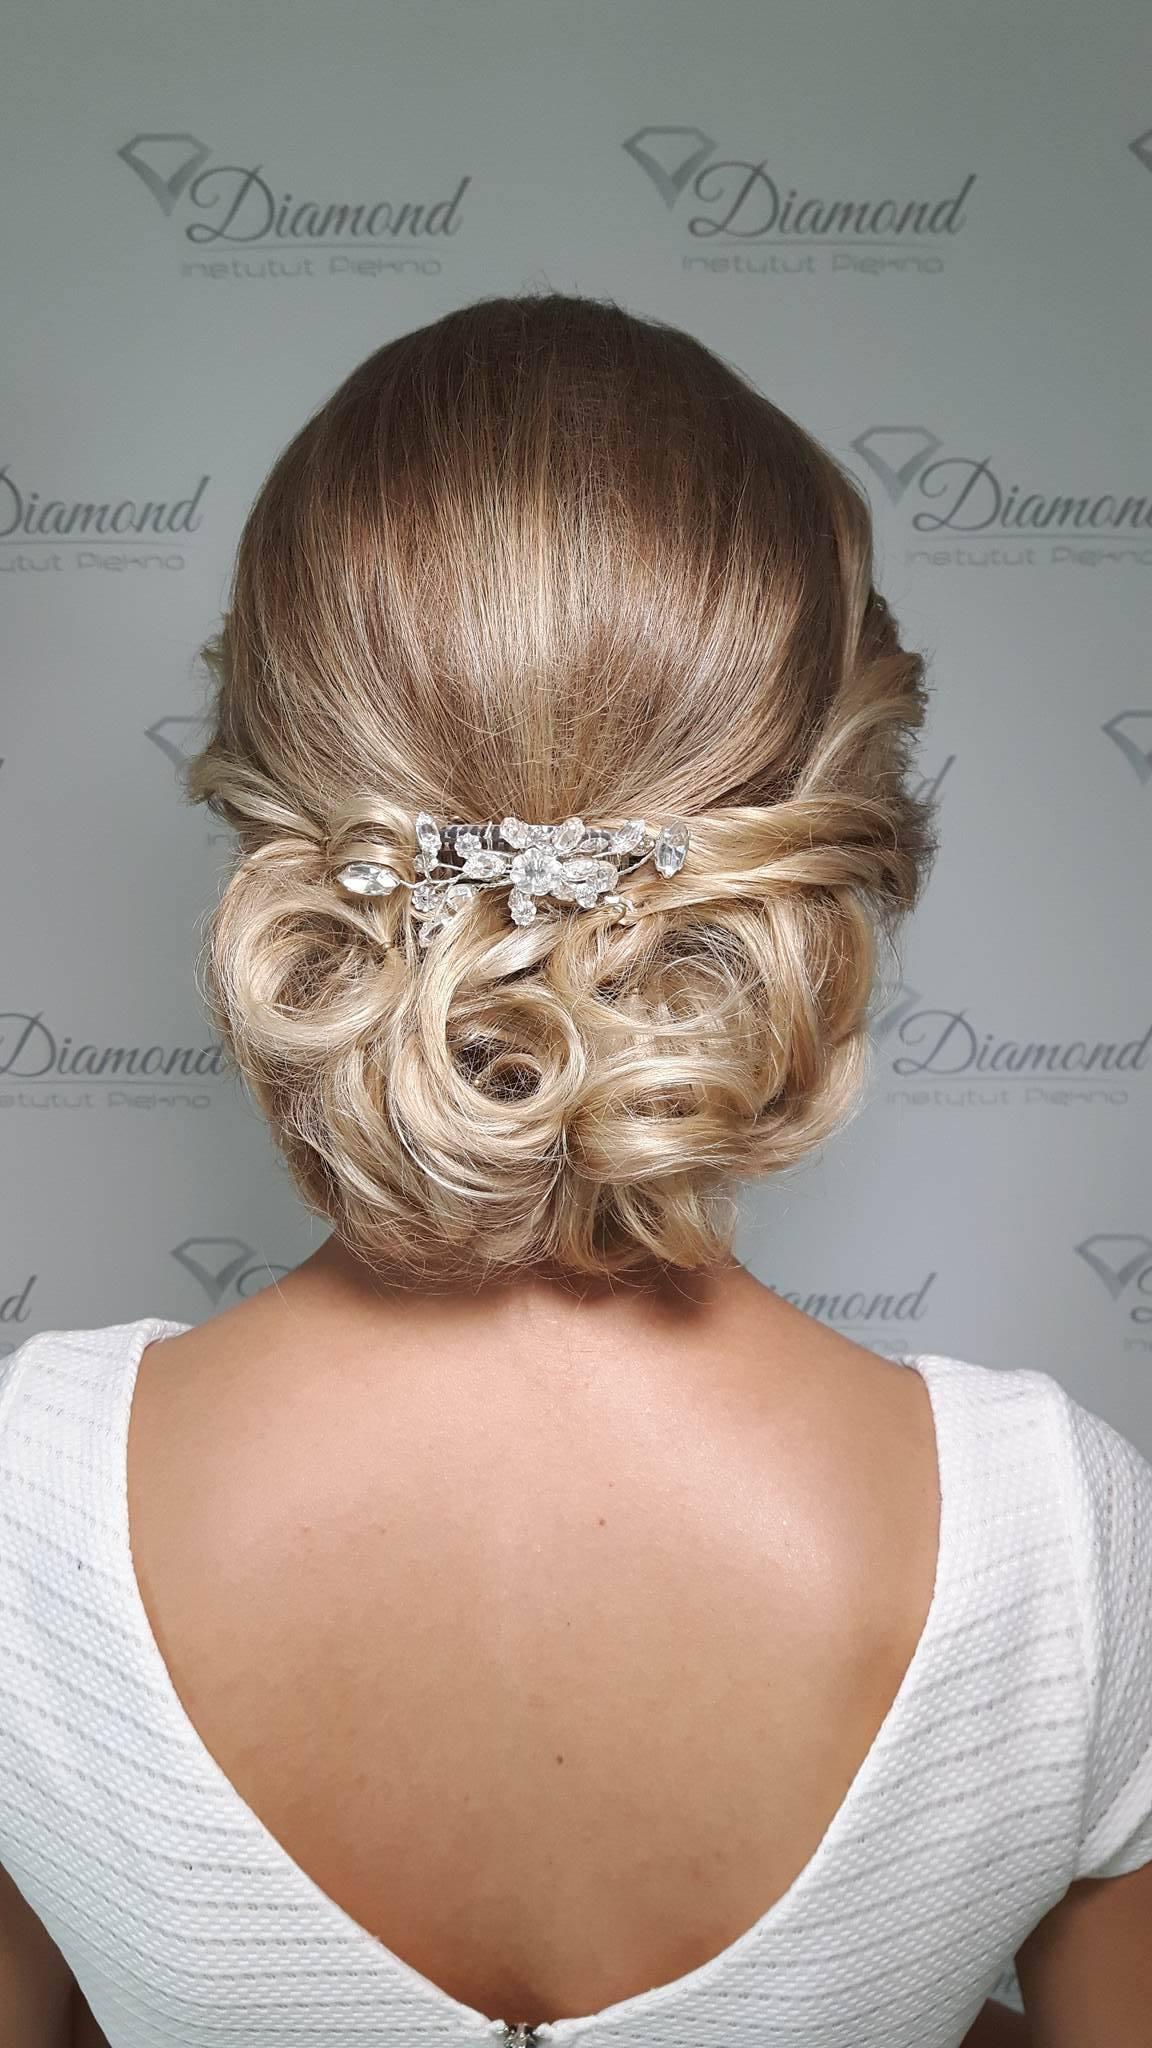 Fryzura ślubna Instytut Piękna Diamond Jedlnia Letnisko Radom